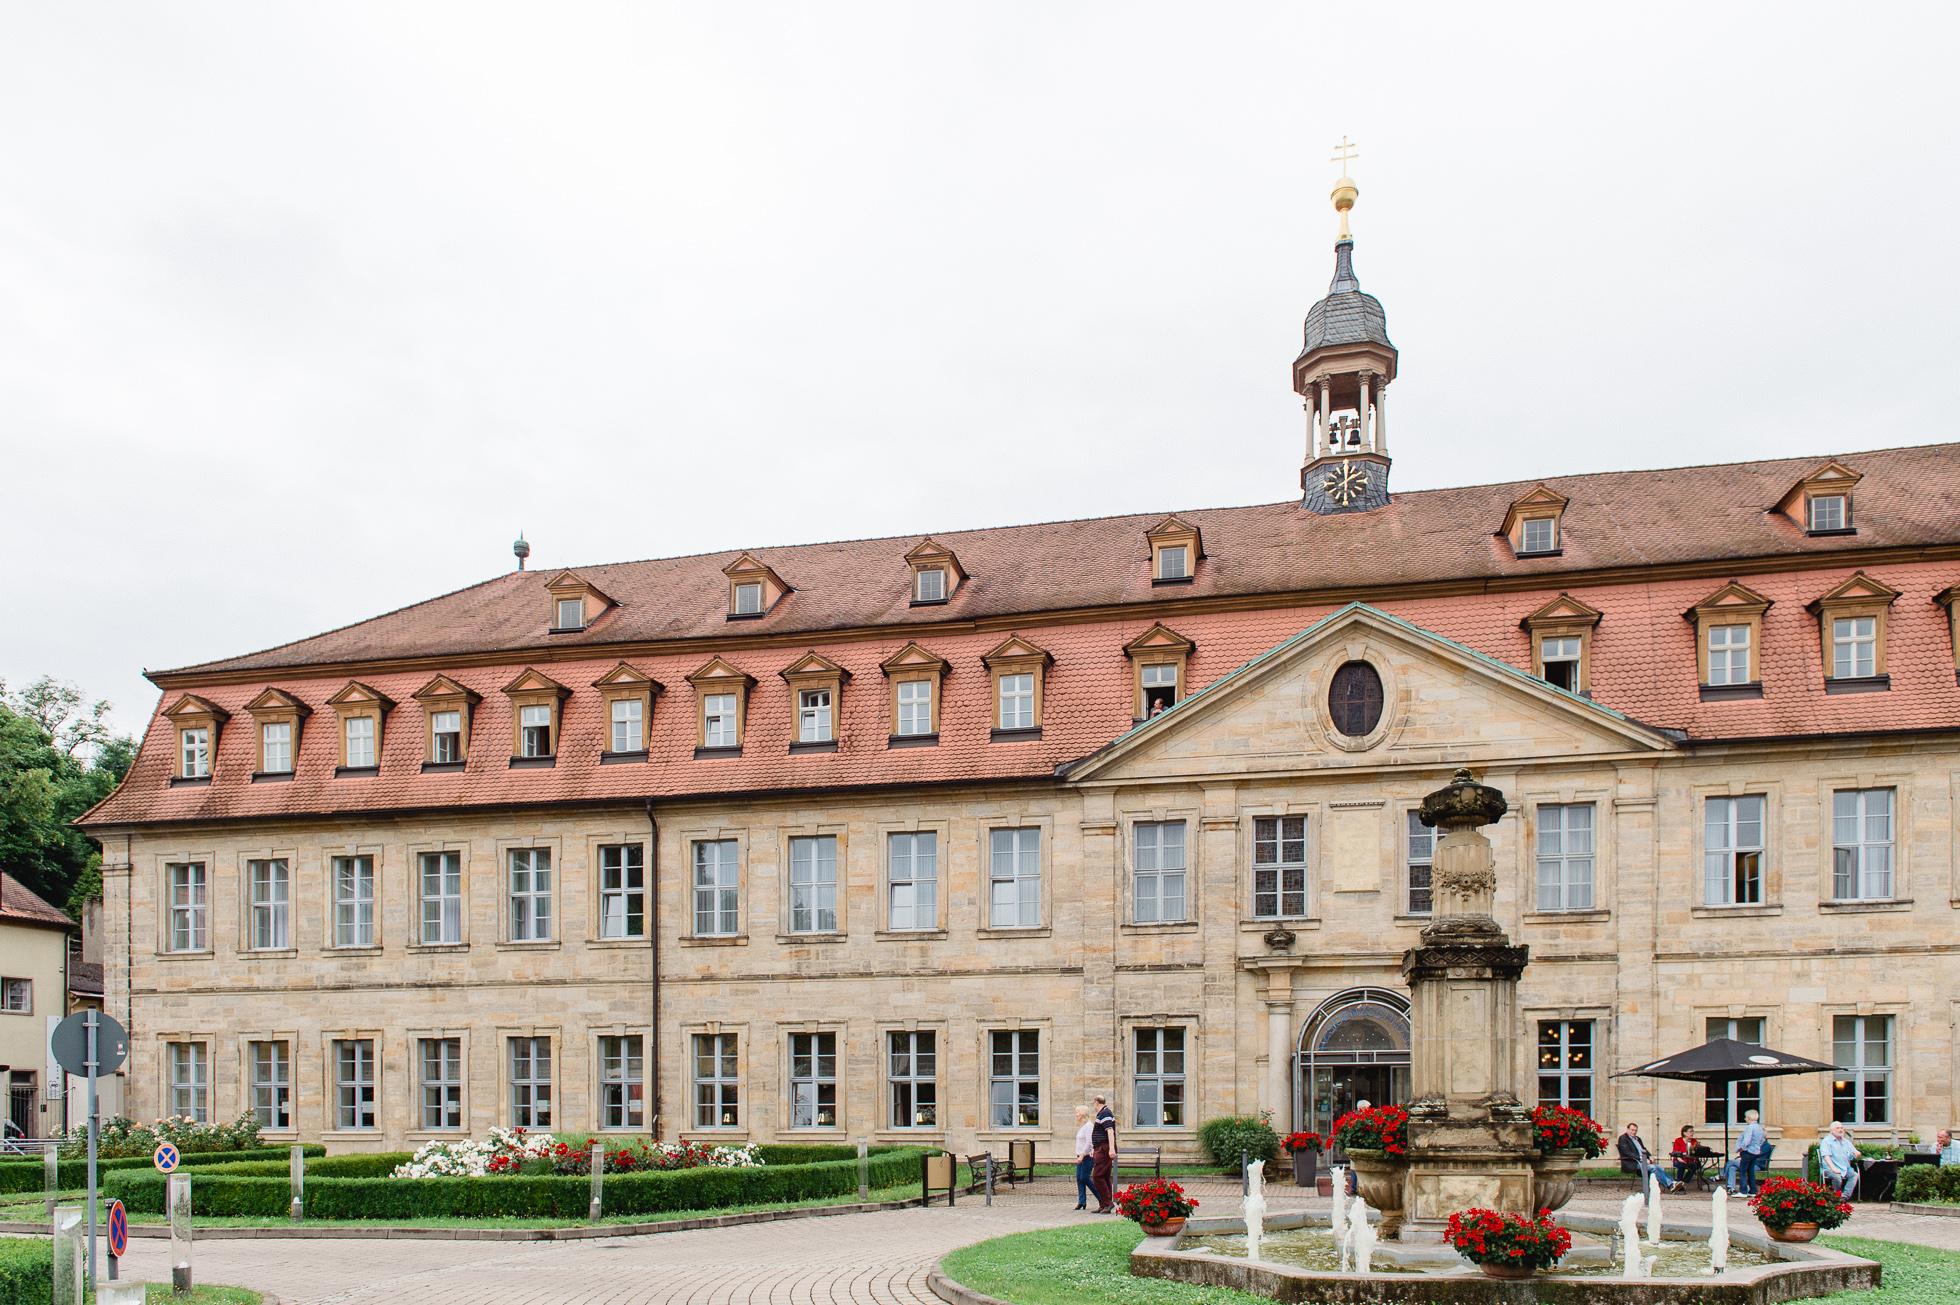 residenzschloss bamberg_001